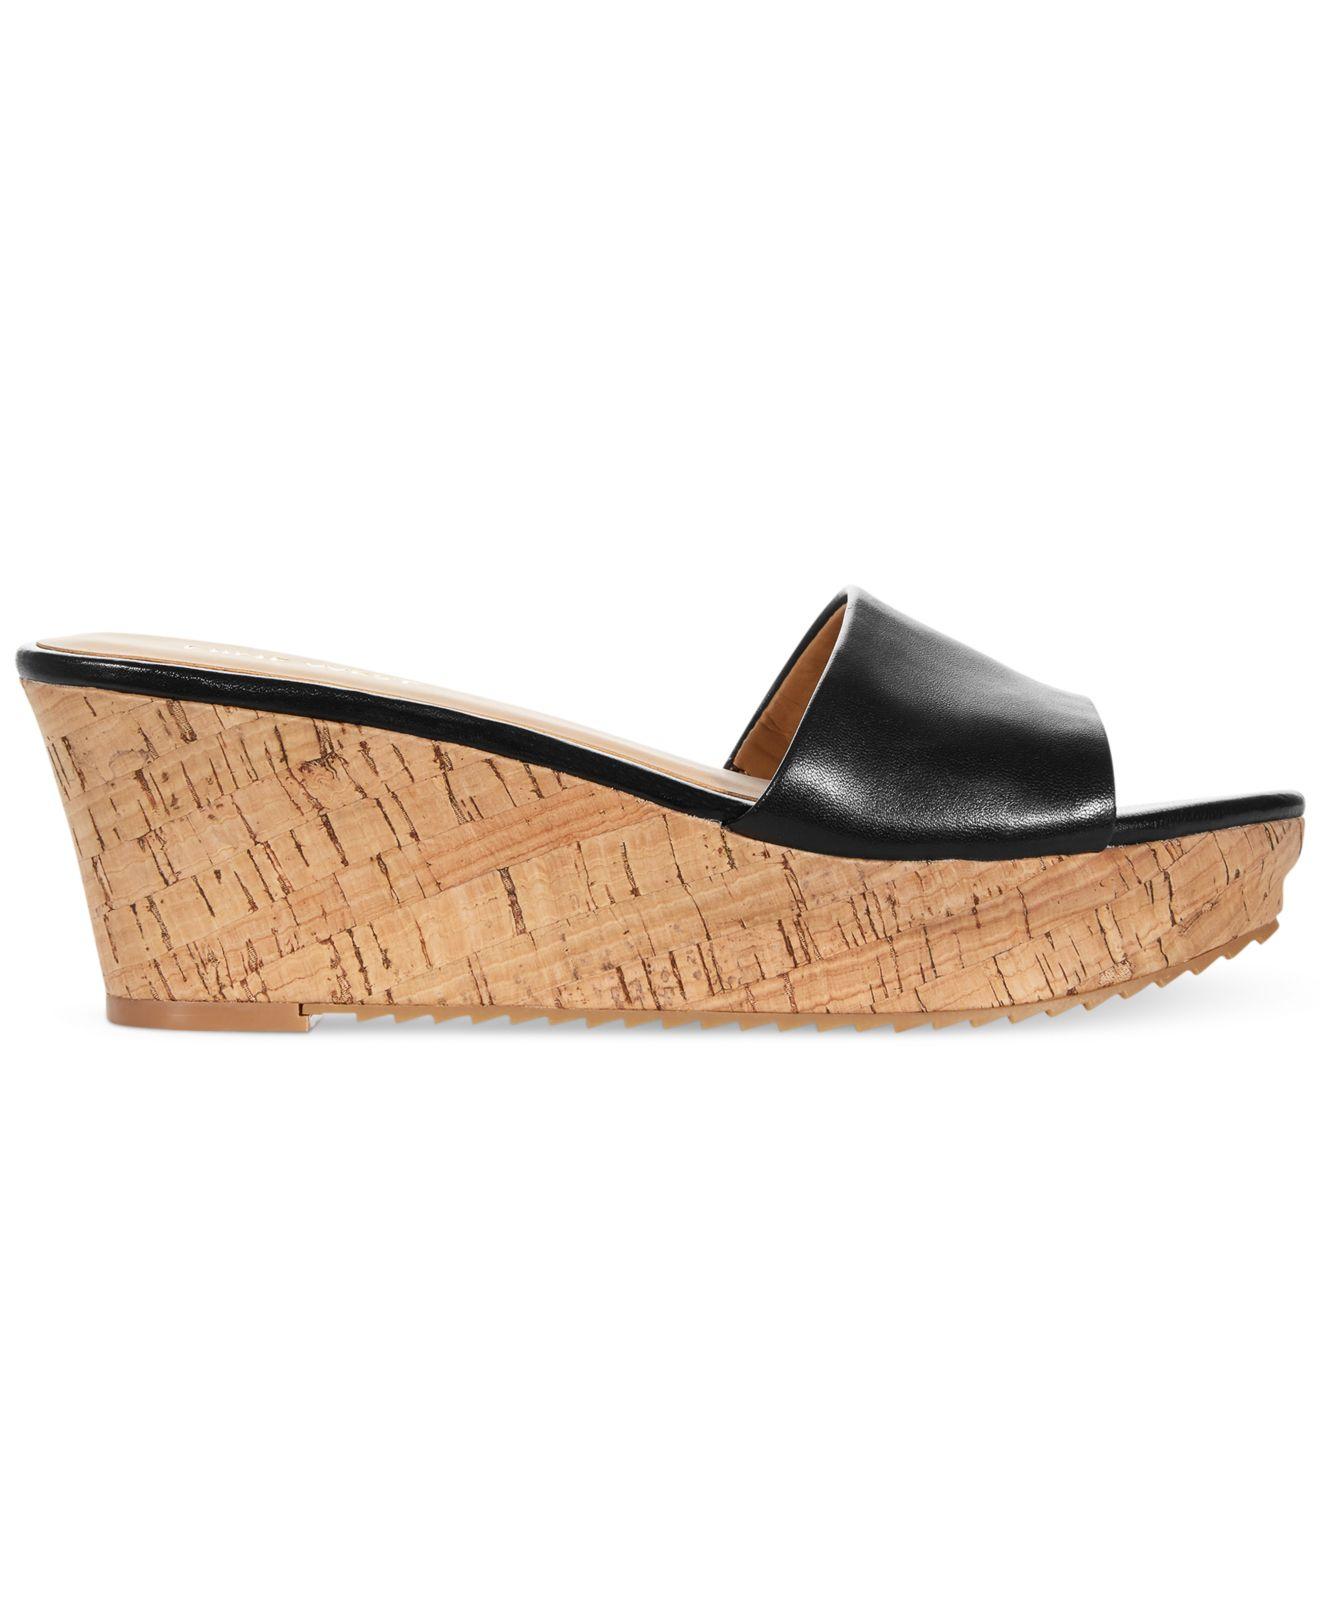 473d4cfd41b Lyst - Nine West Confetty Platform Slide Sandals in Black